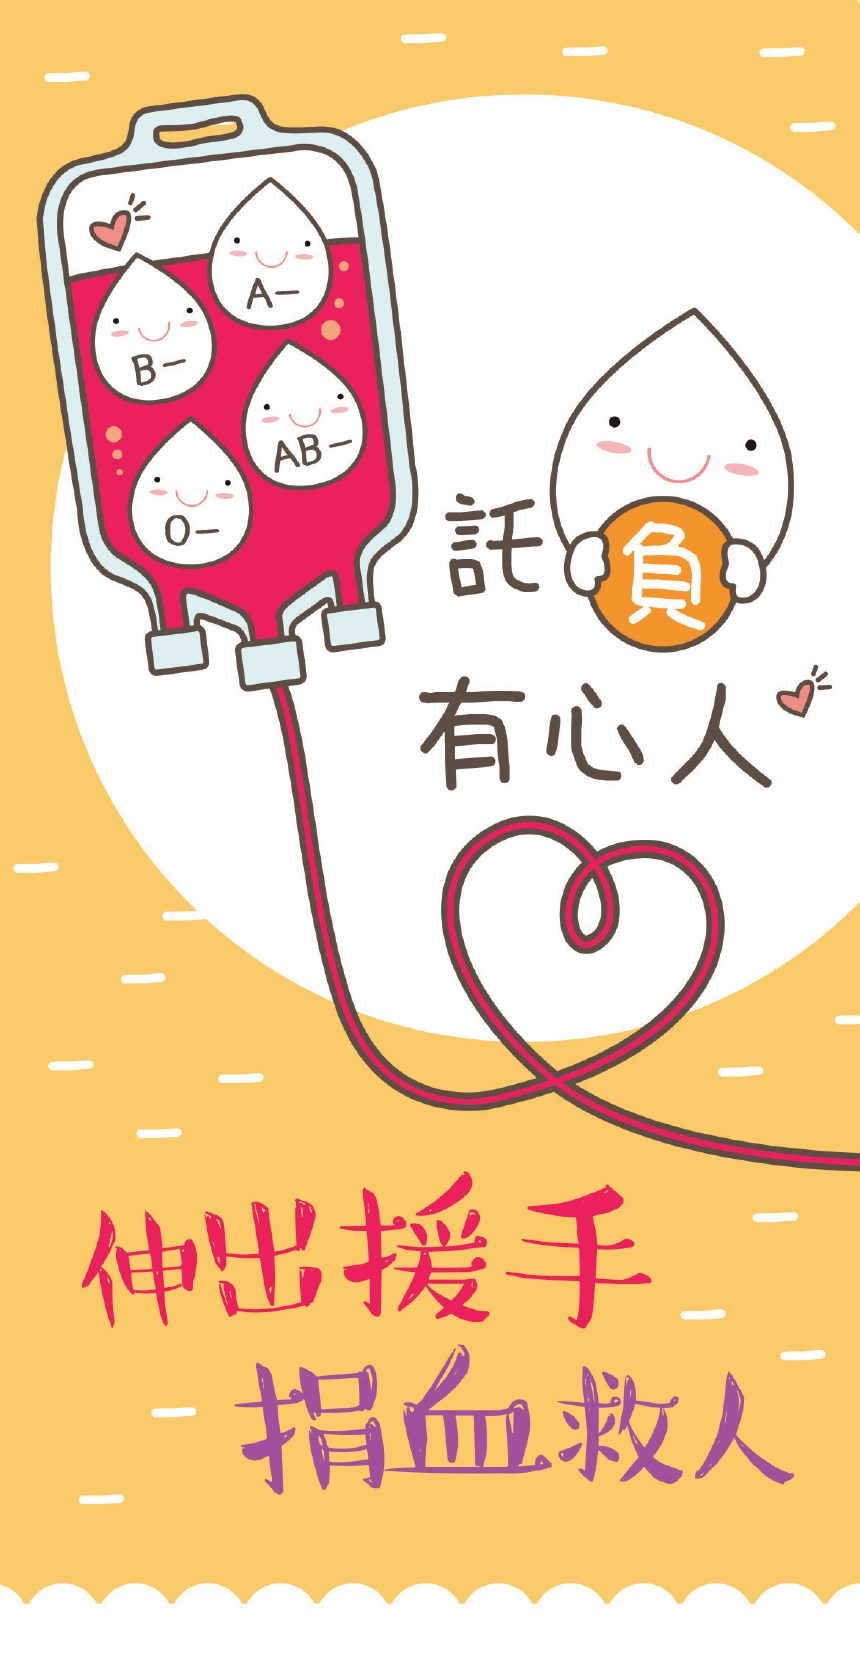 圖片: 托「負」有心人,伸出援手, 捐血救人